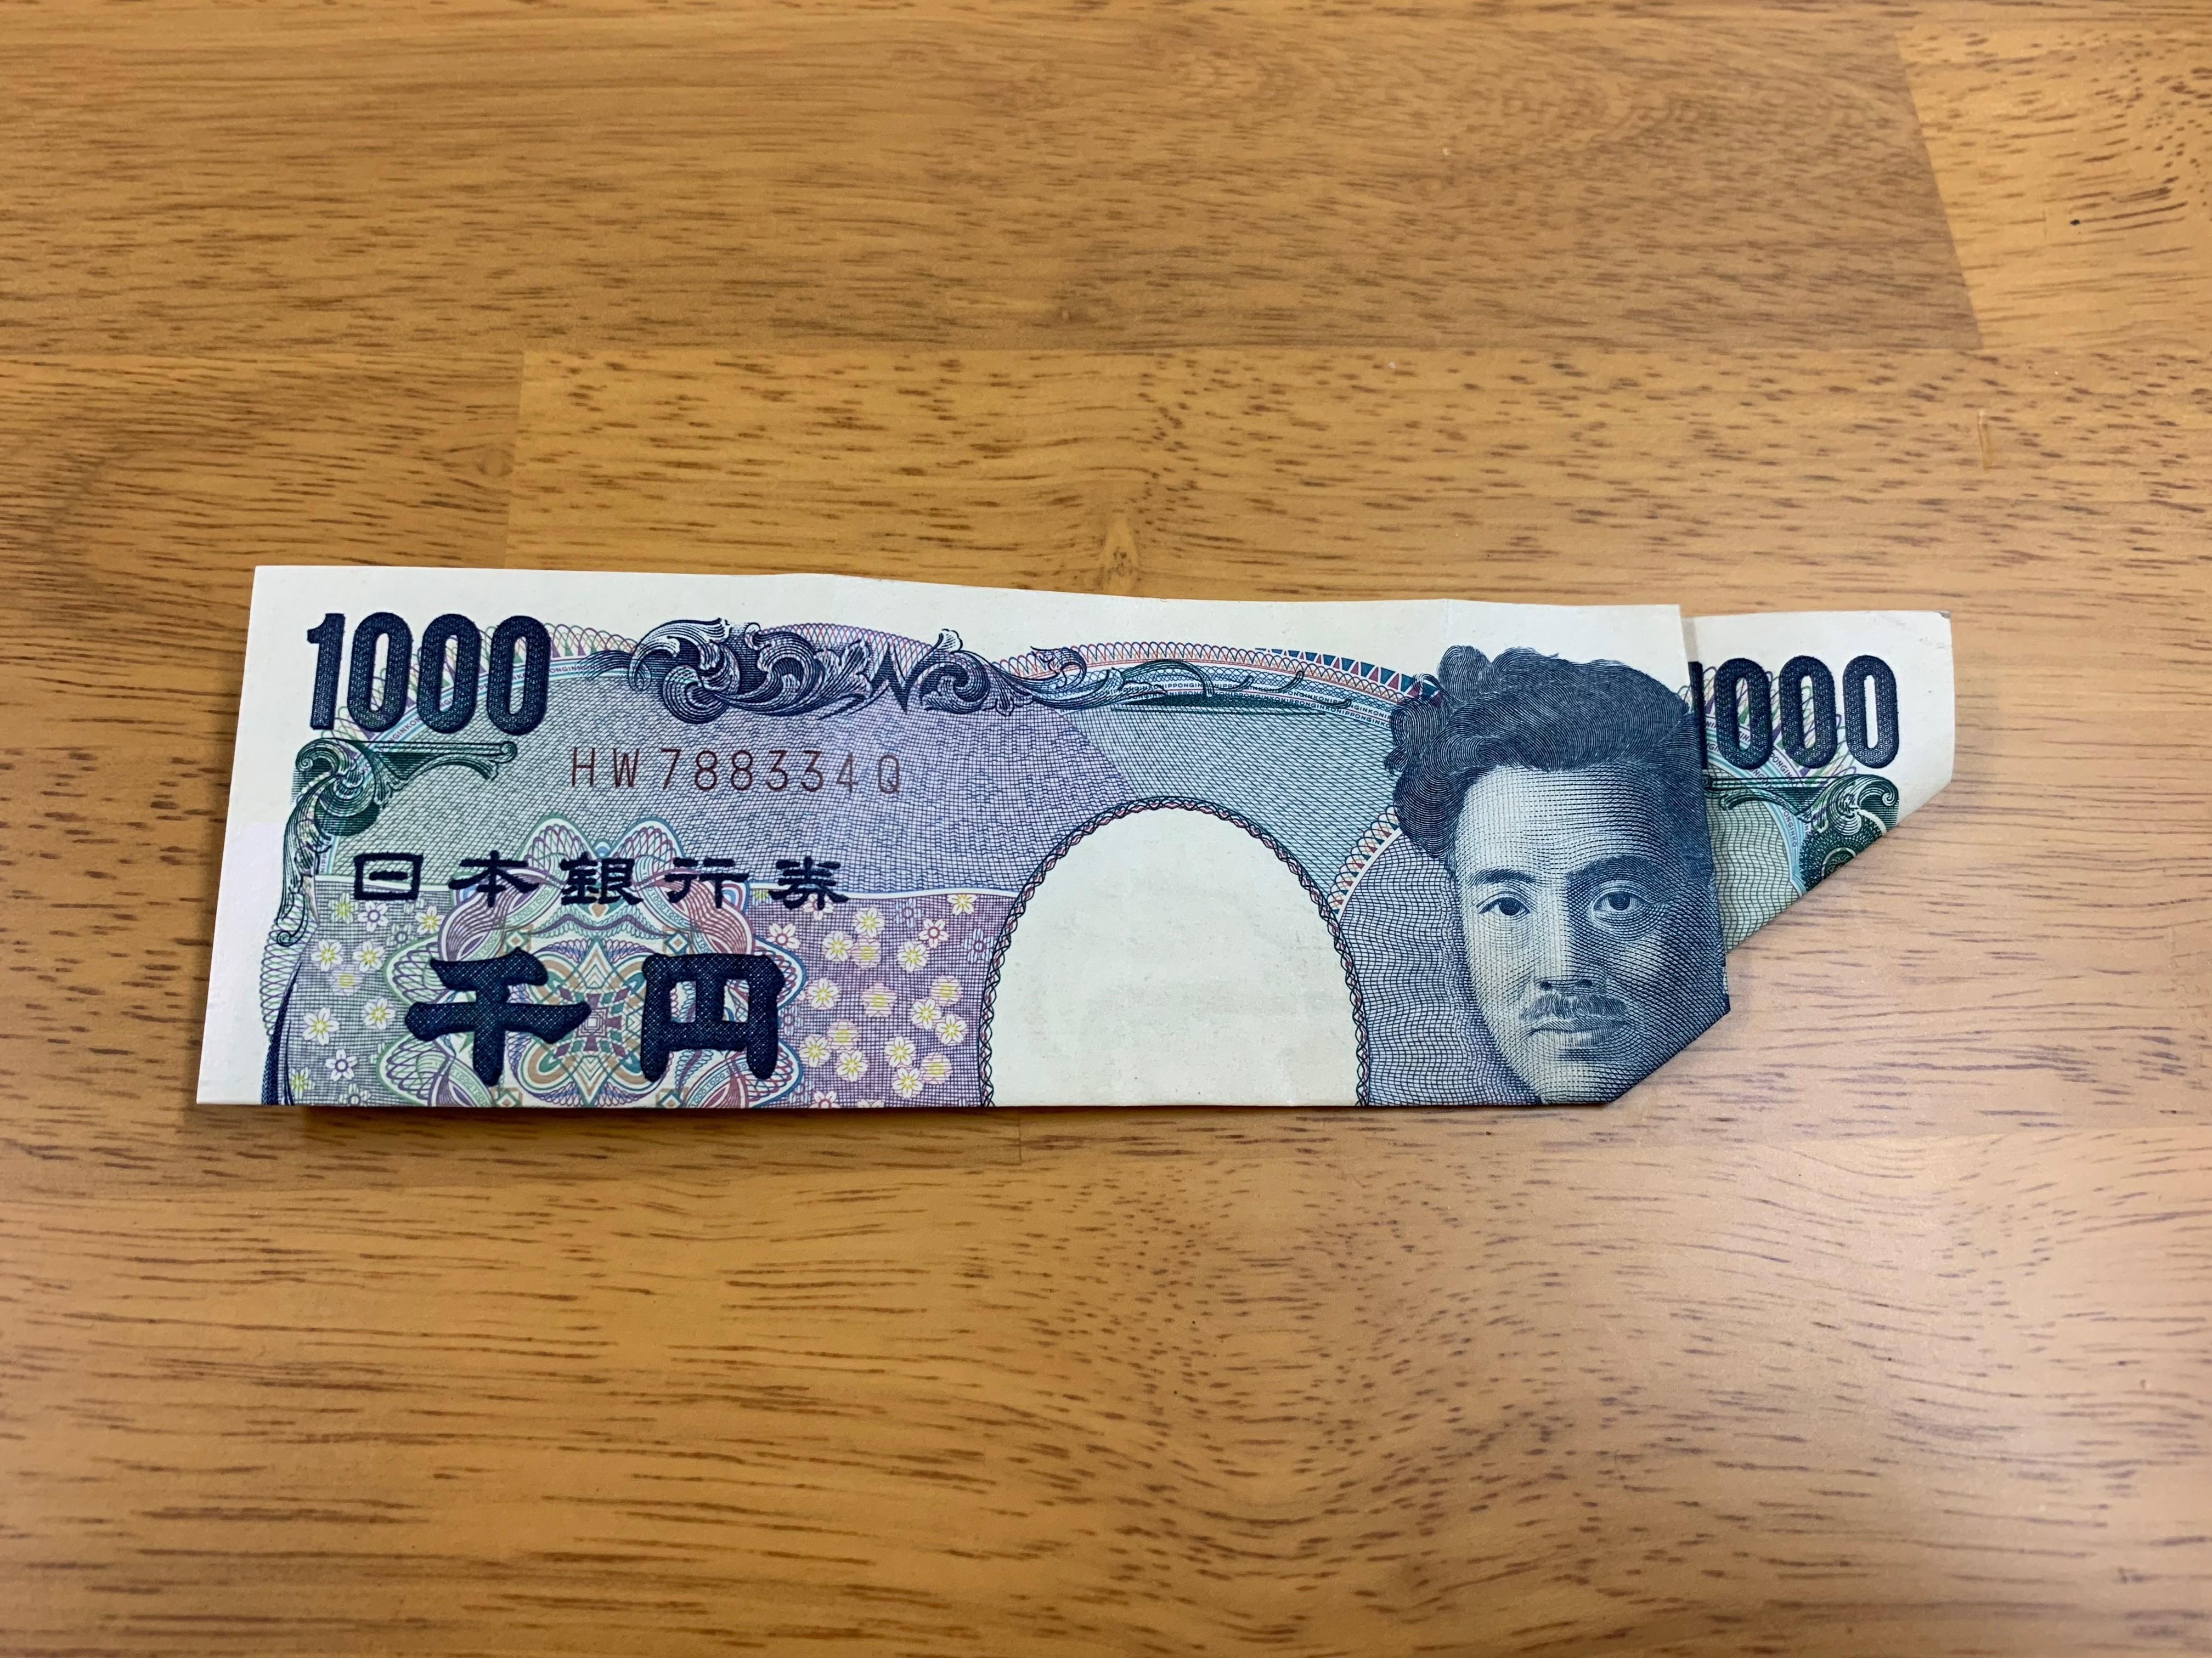 ターバン野口 お札 千円札のおもしろい折り方の画像6